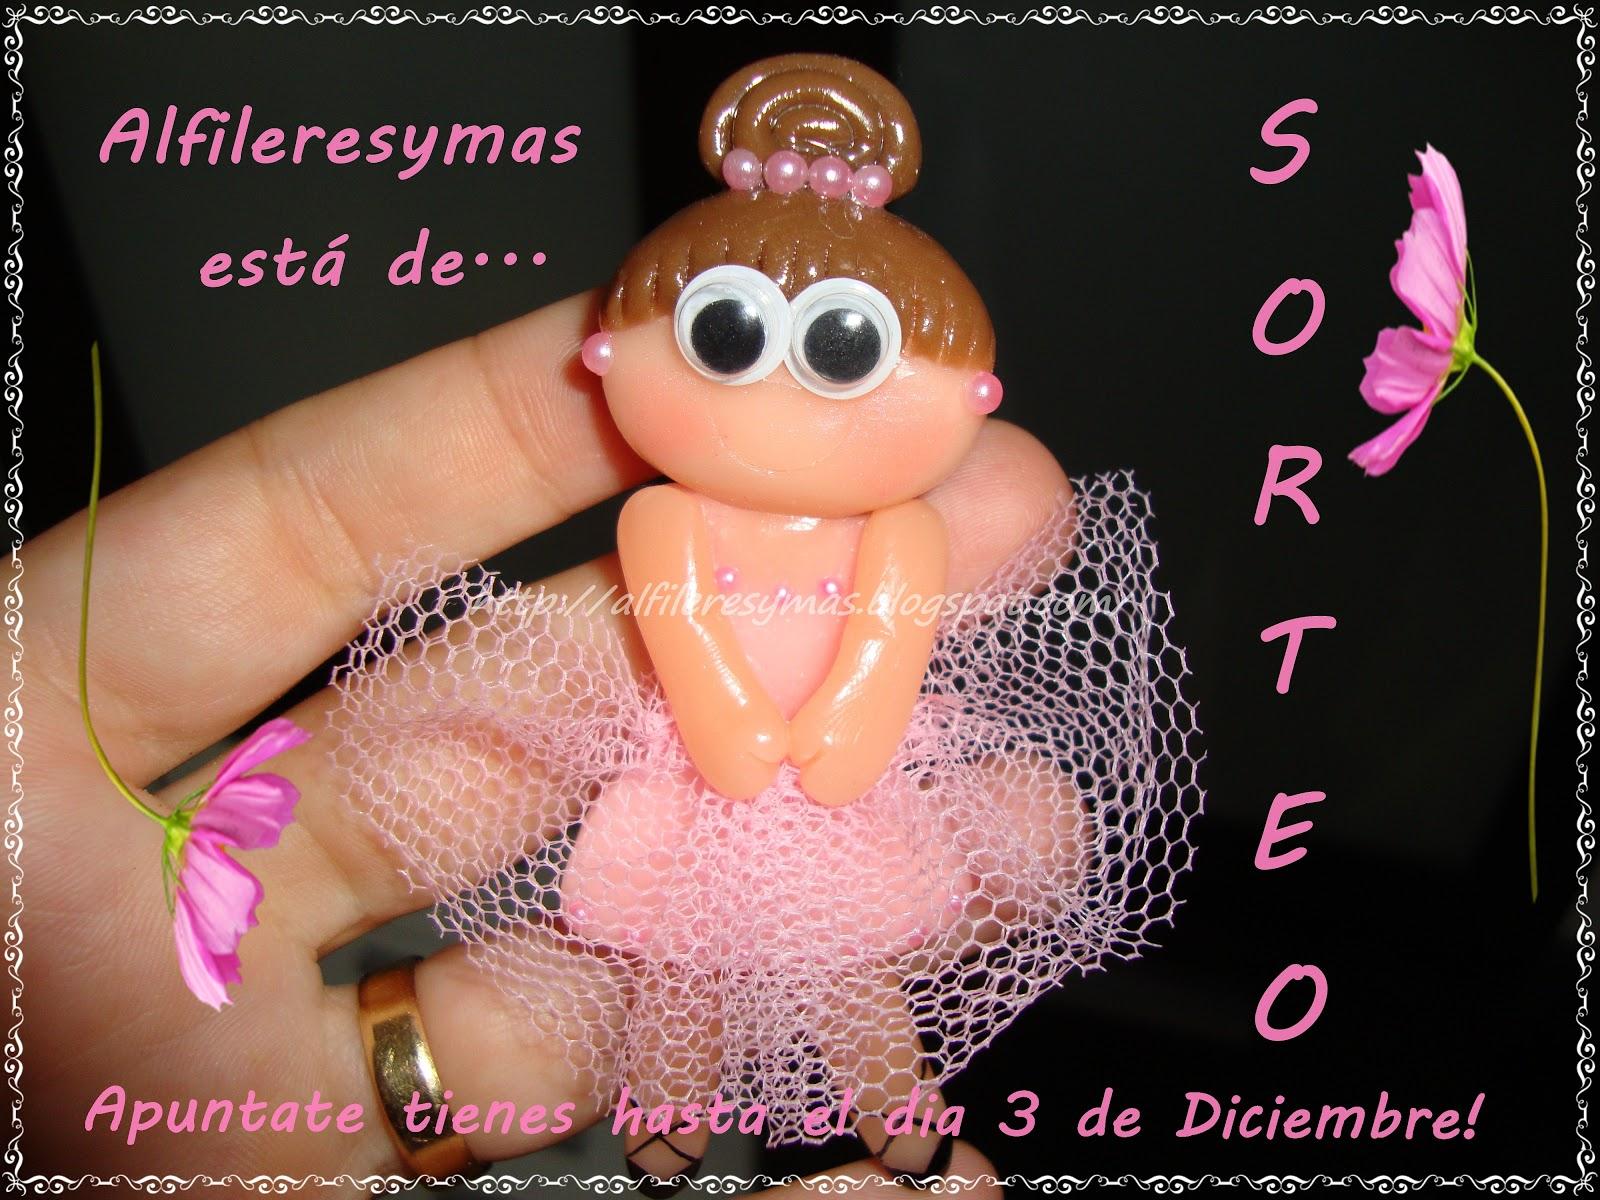 SORTEO EN ALFILERES Y MAS